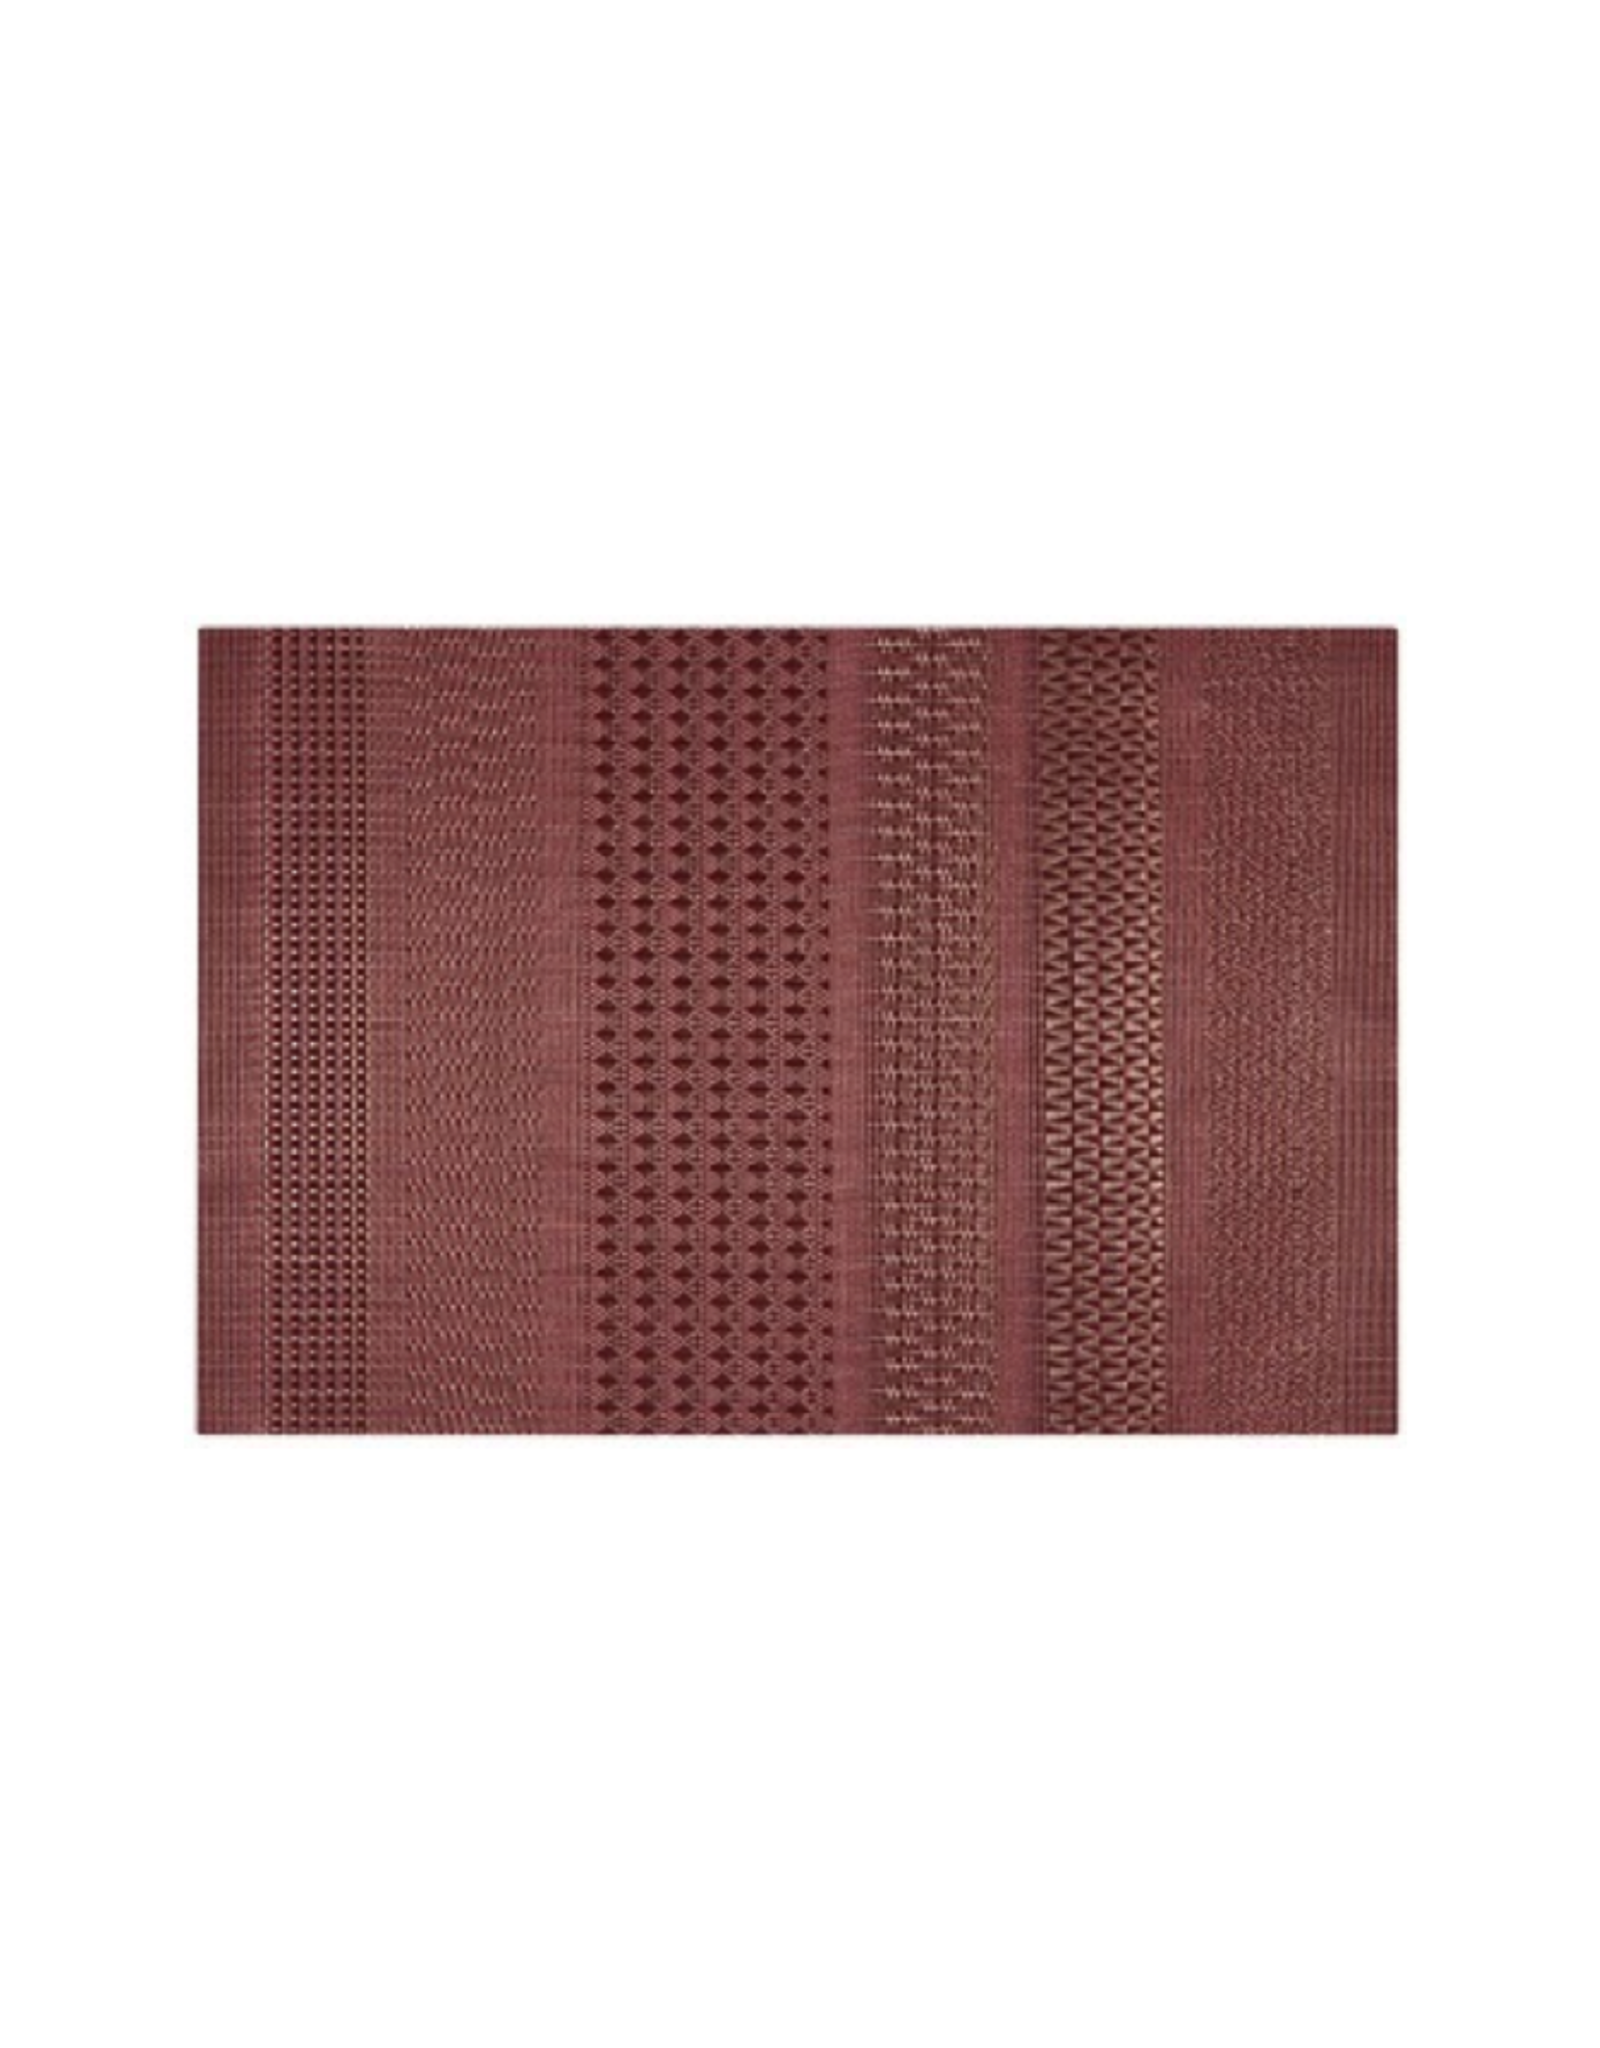 DCA - Placemat/Woven Vinyl, Vino